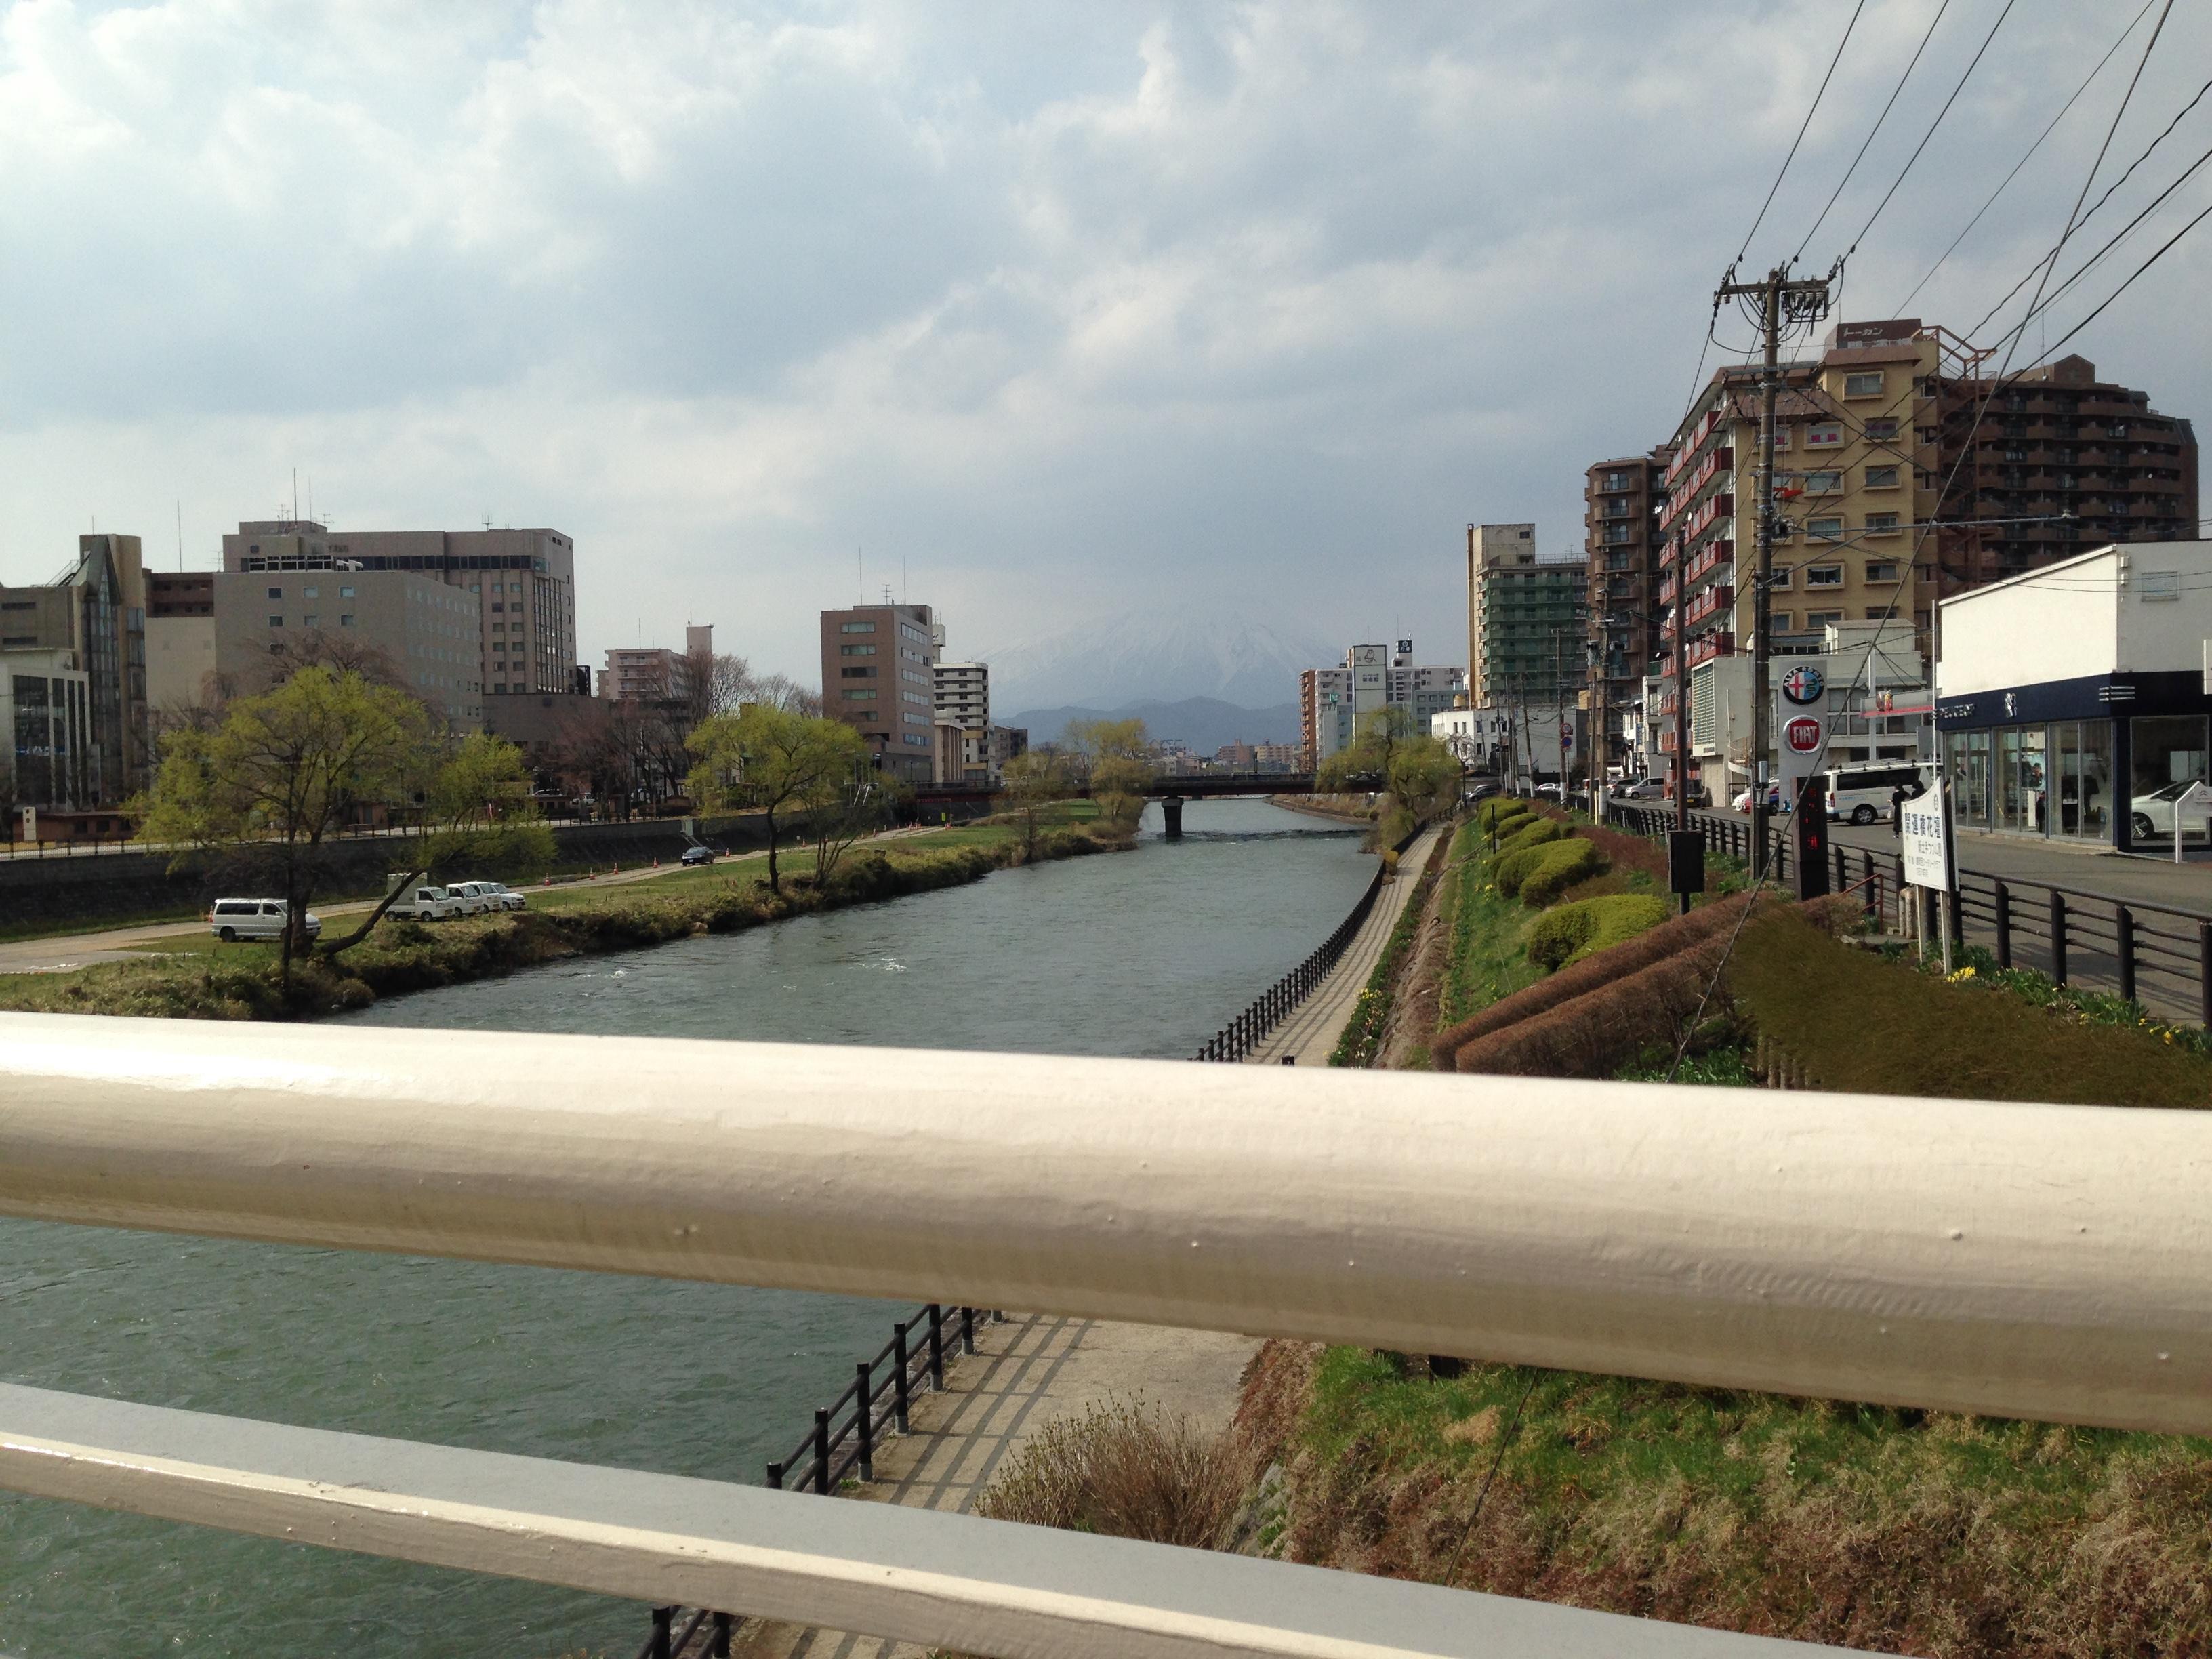 開運橋から北を望むと北上川の向こうに岩手山が見えます。この日は残念ながら薄曇りでよく見えませんでした。